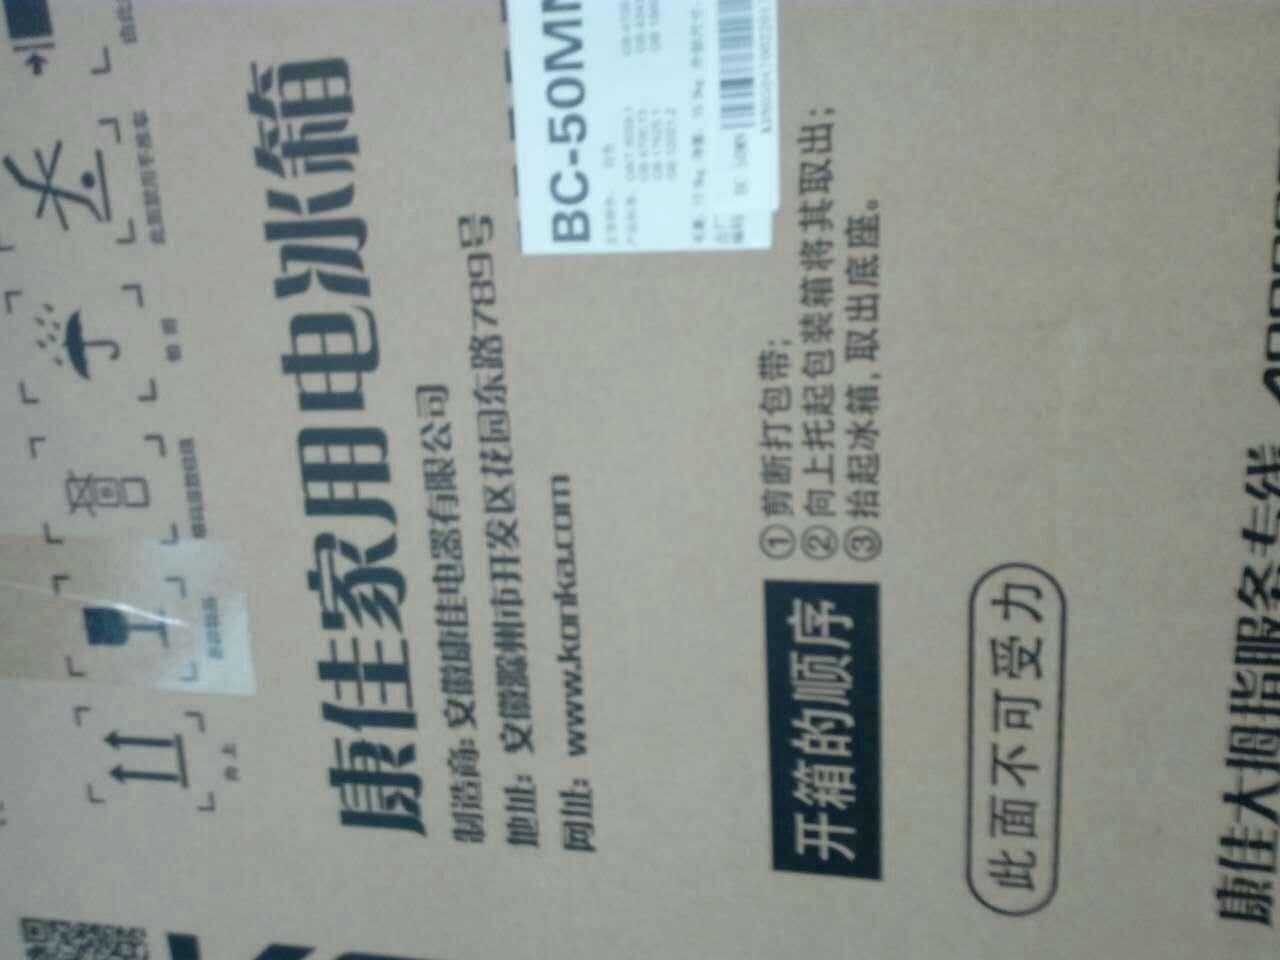 free run tokyo 002106354 outletonlineshop